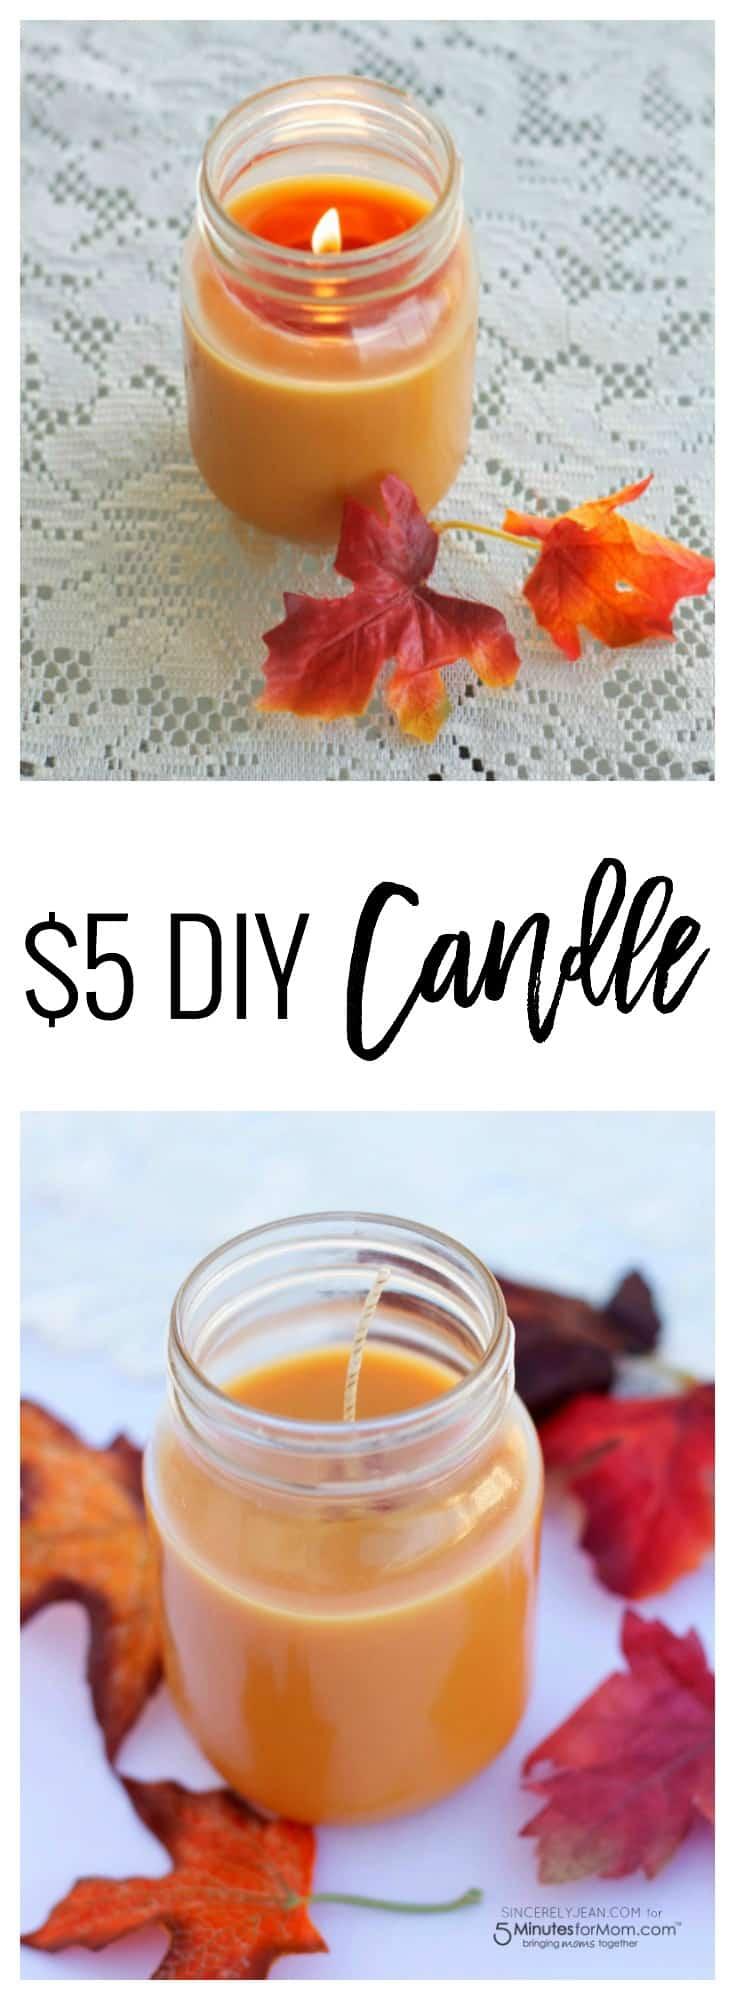 diy_candle_simple_shortening